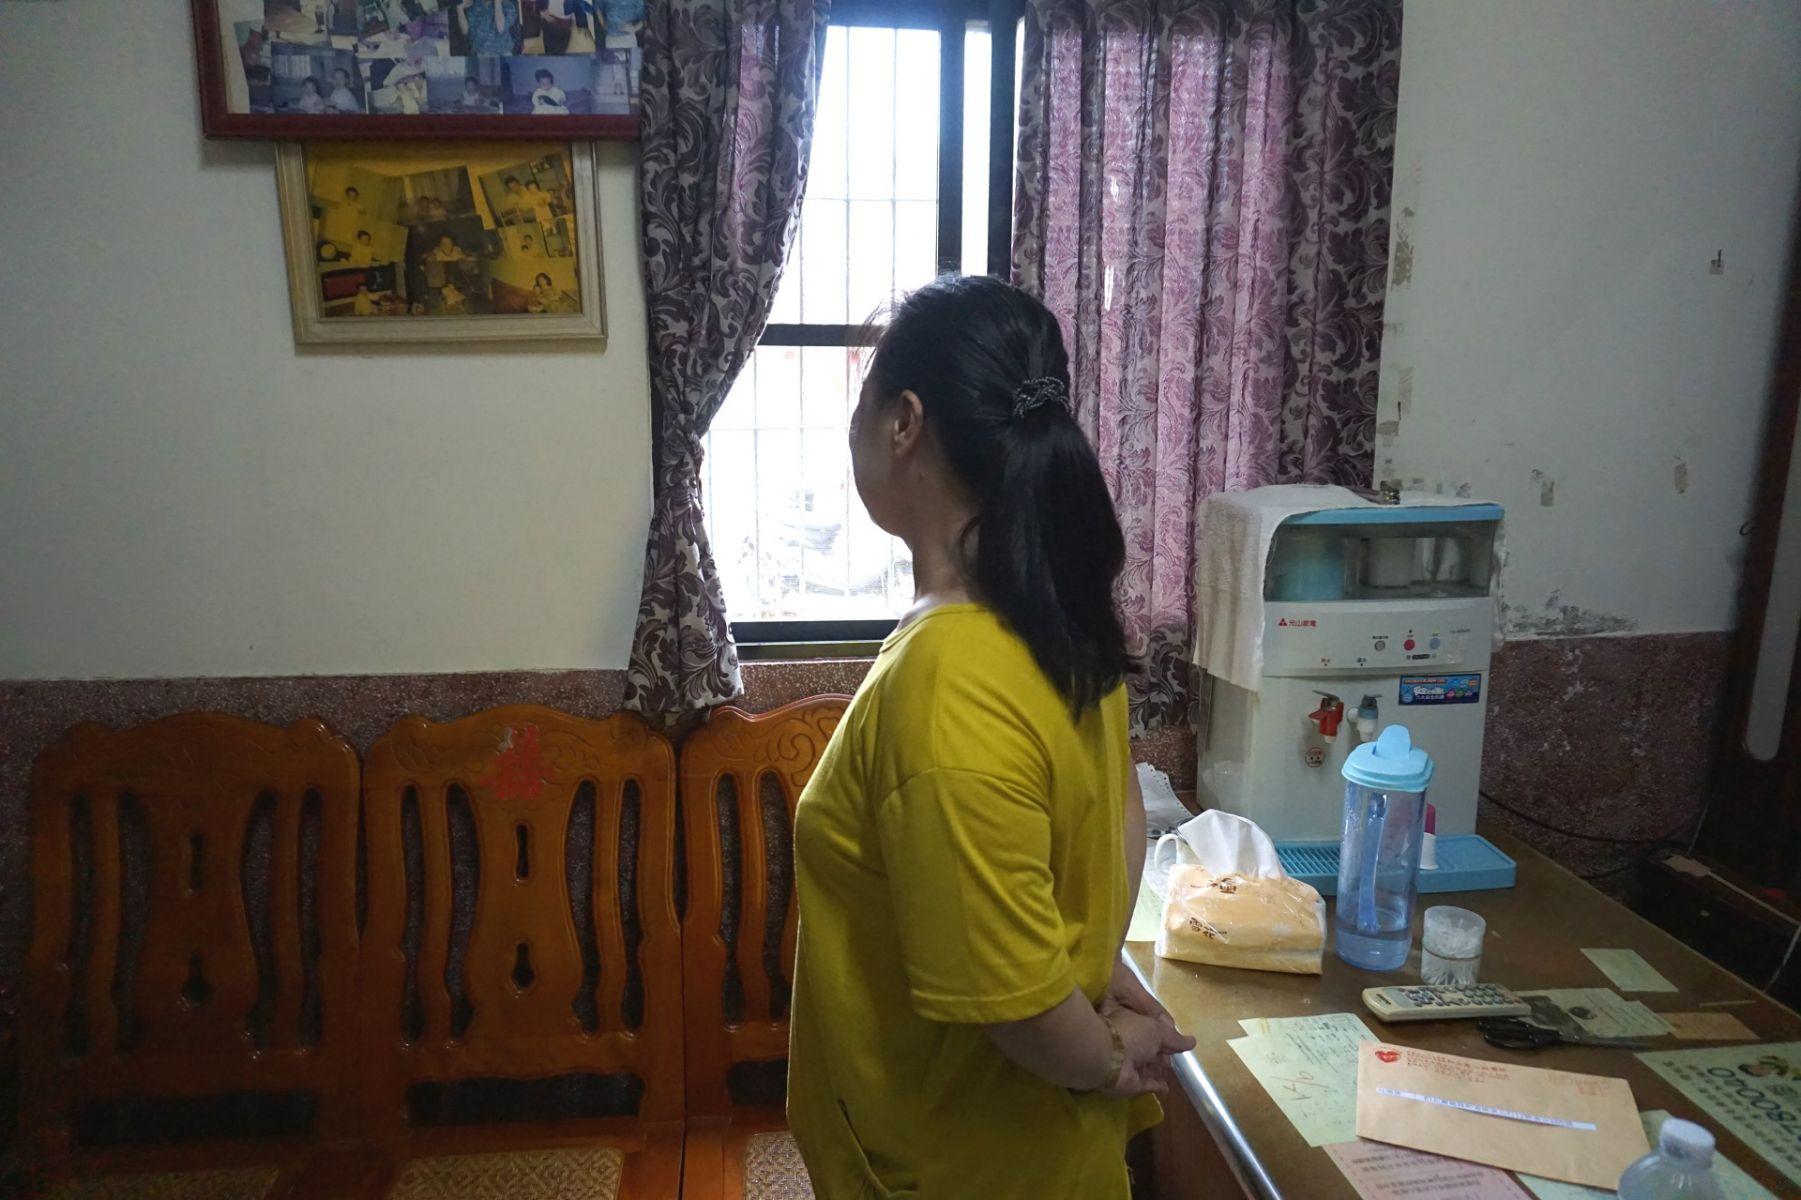 老老照顧/60歲女守護82歲失智母 全日待命累翻「我是來報恩的」